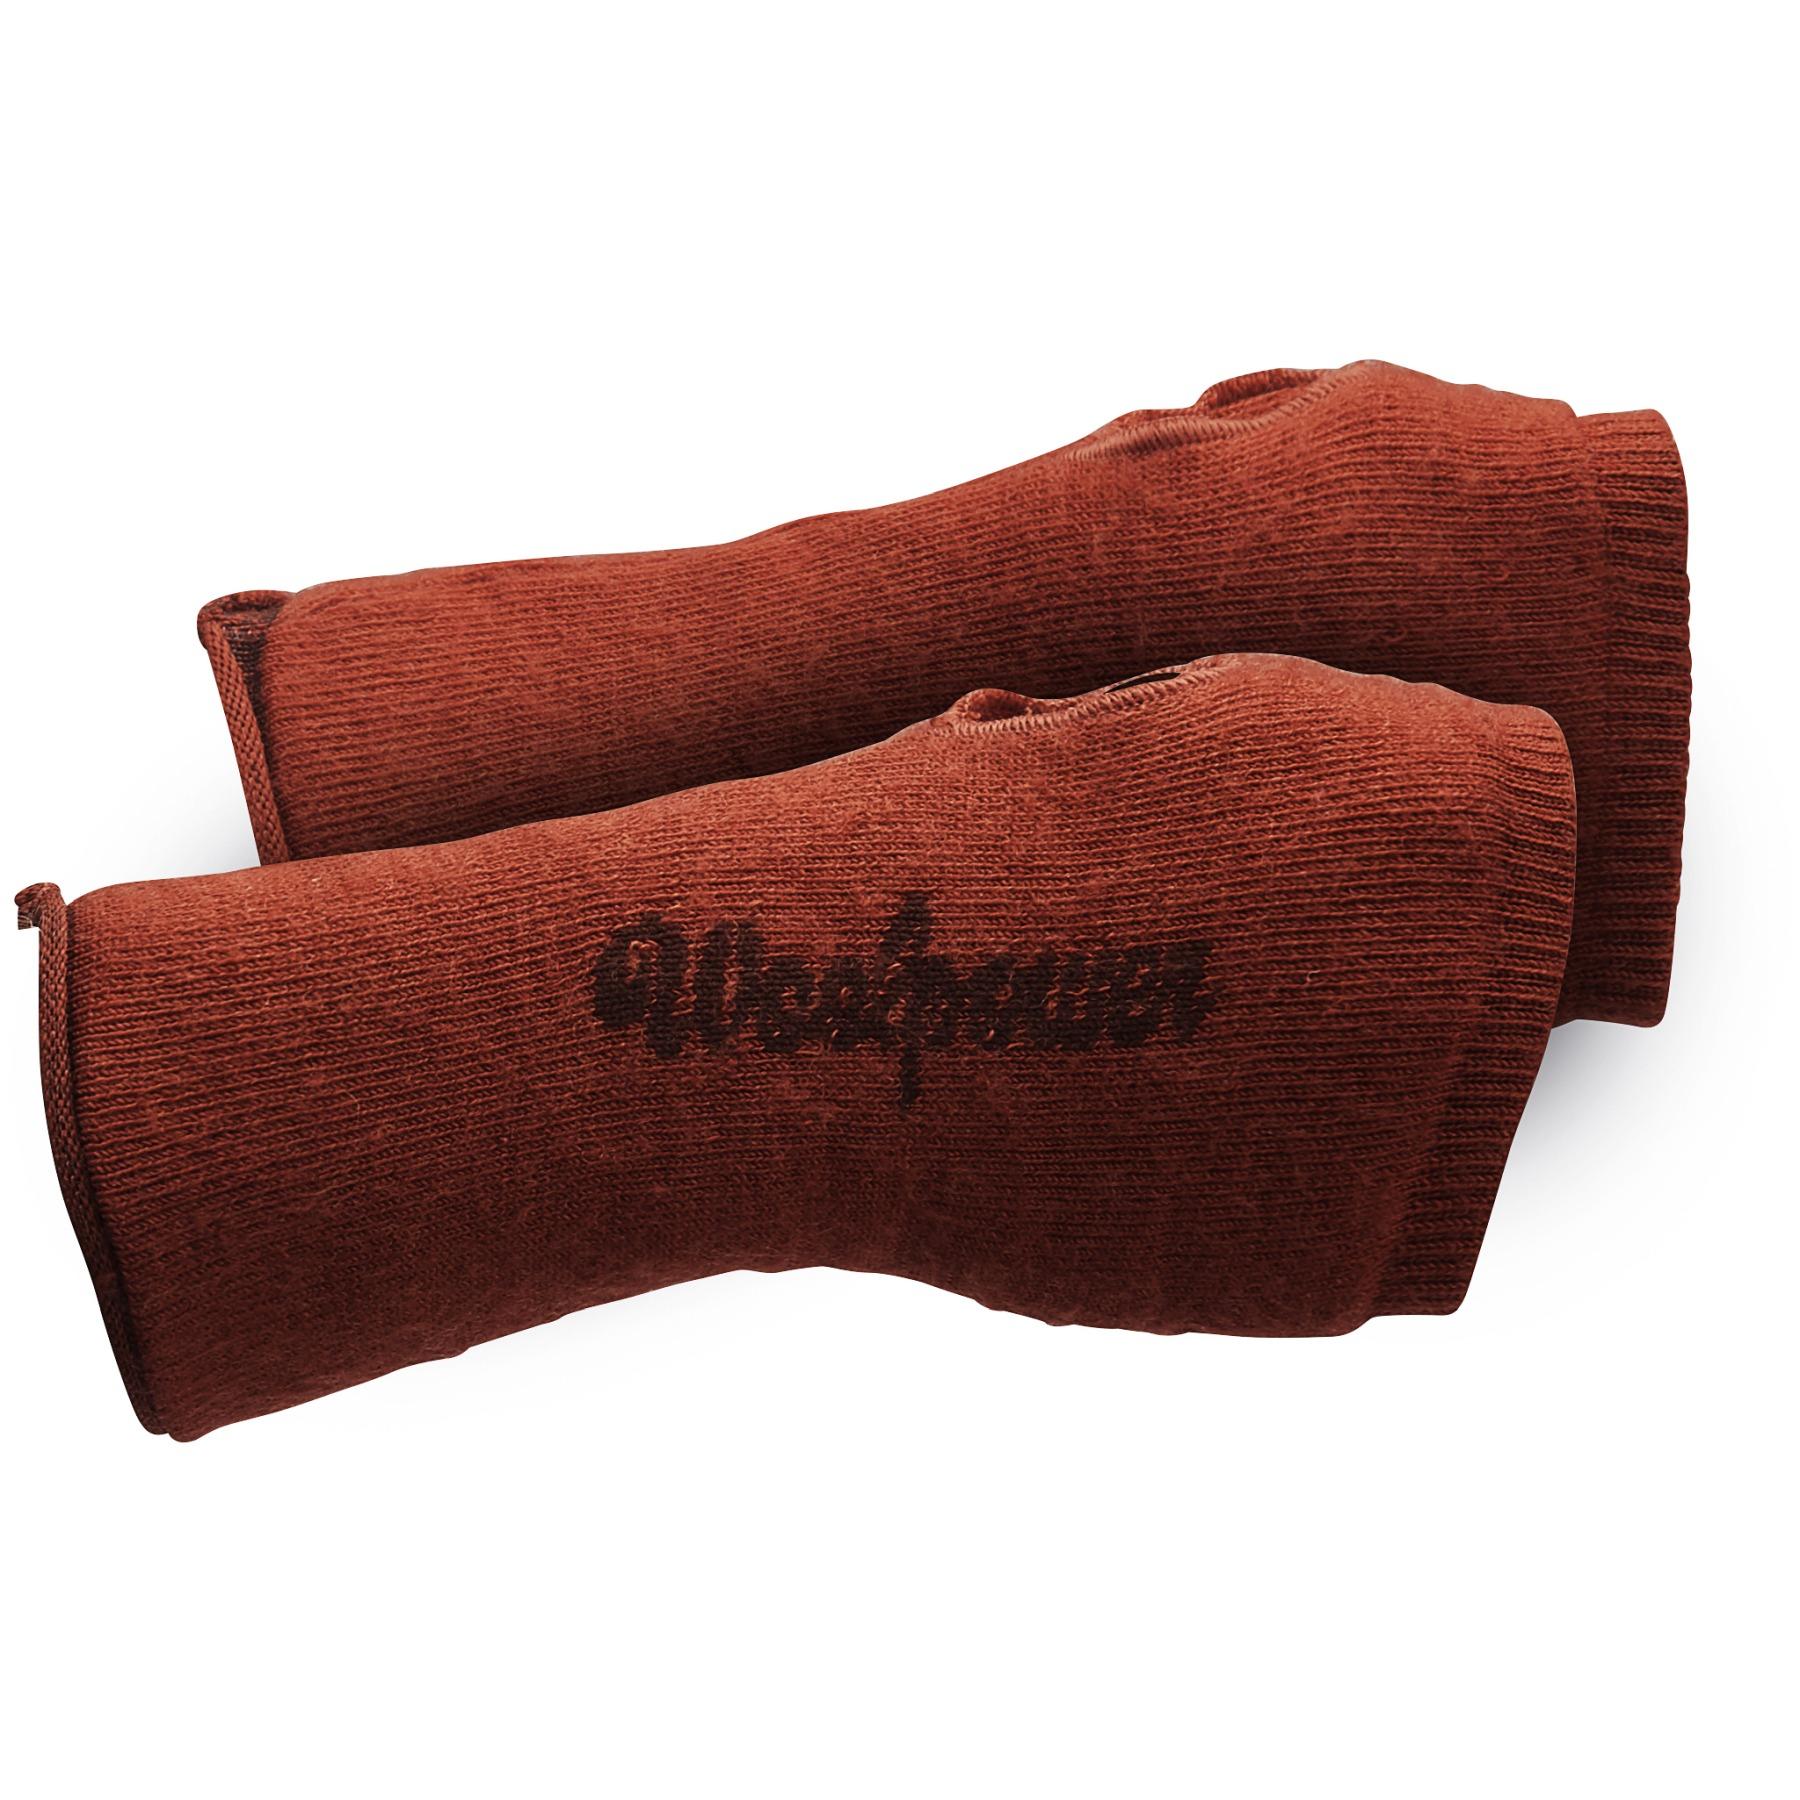 Woolpower Wrist Gaiter 200 - autumn red